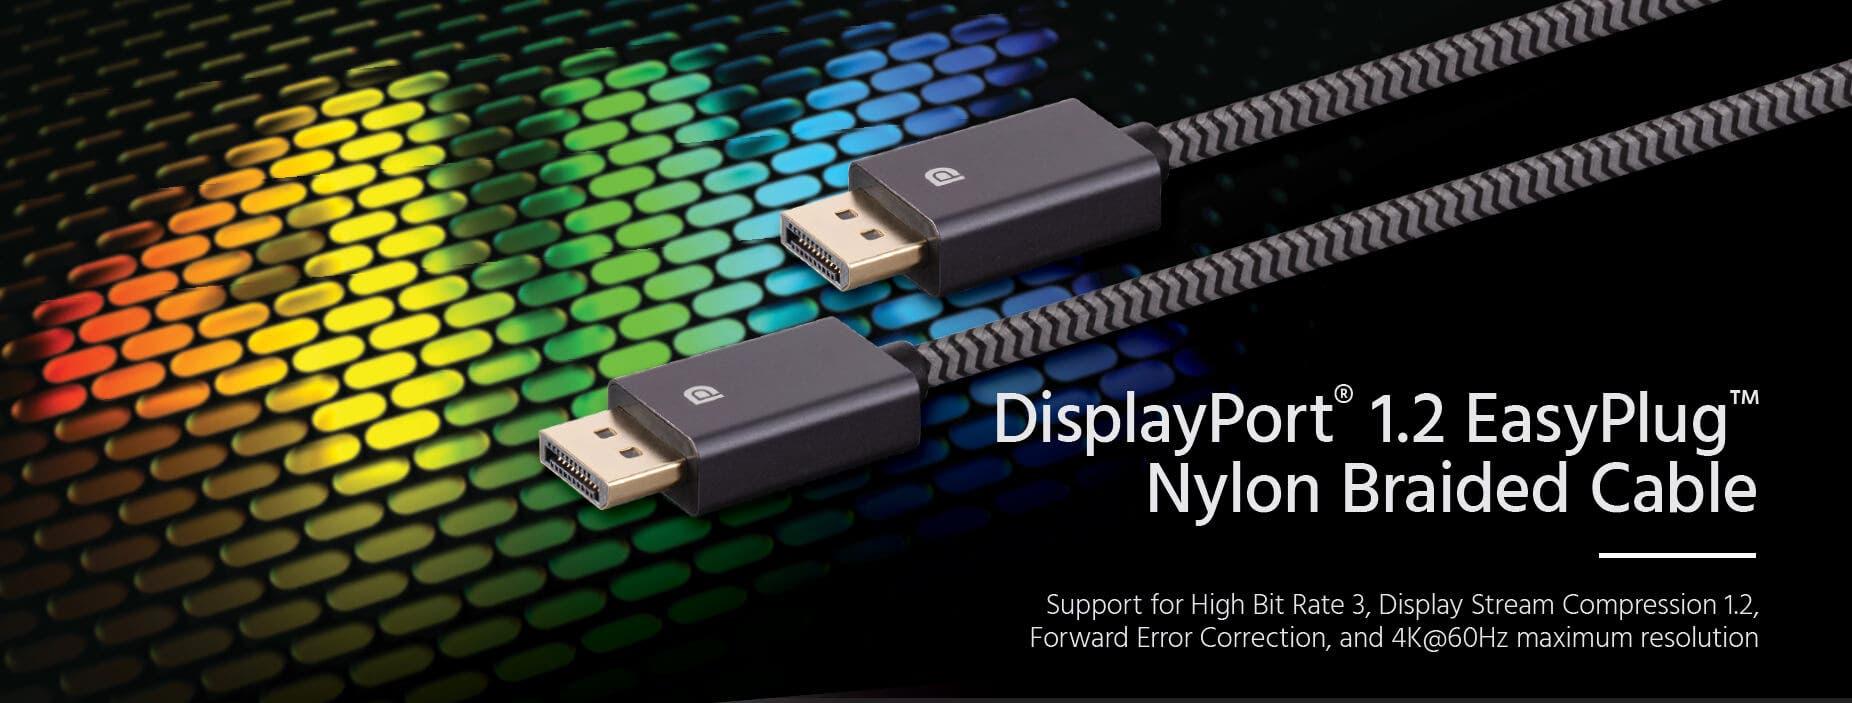 DisplayPort® 1.2 EasyPlug™ Cable